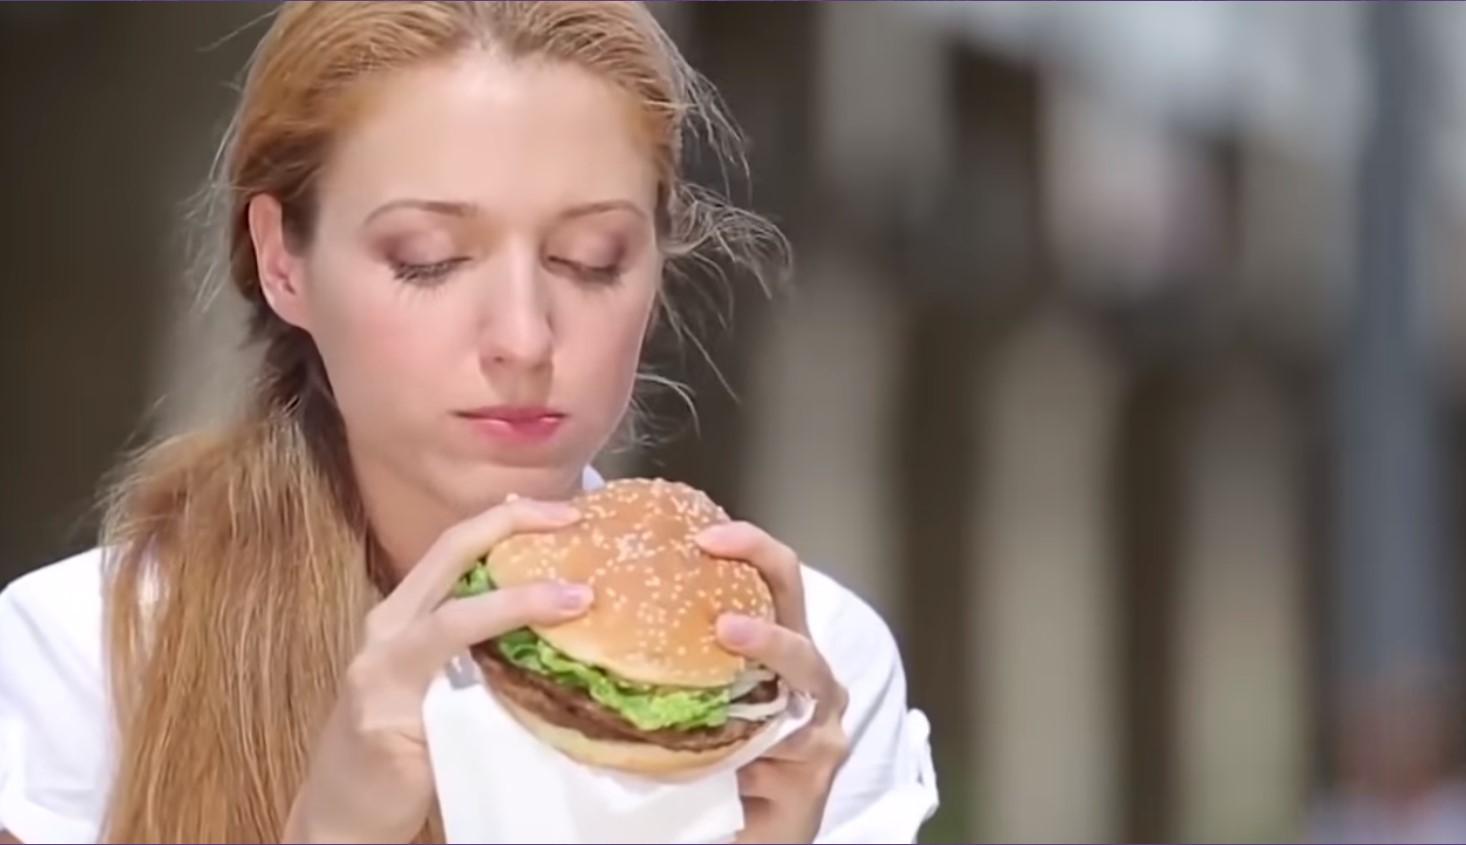 eat fast food